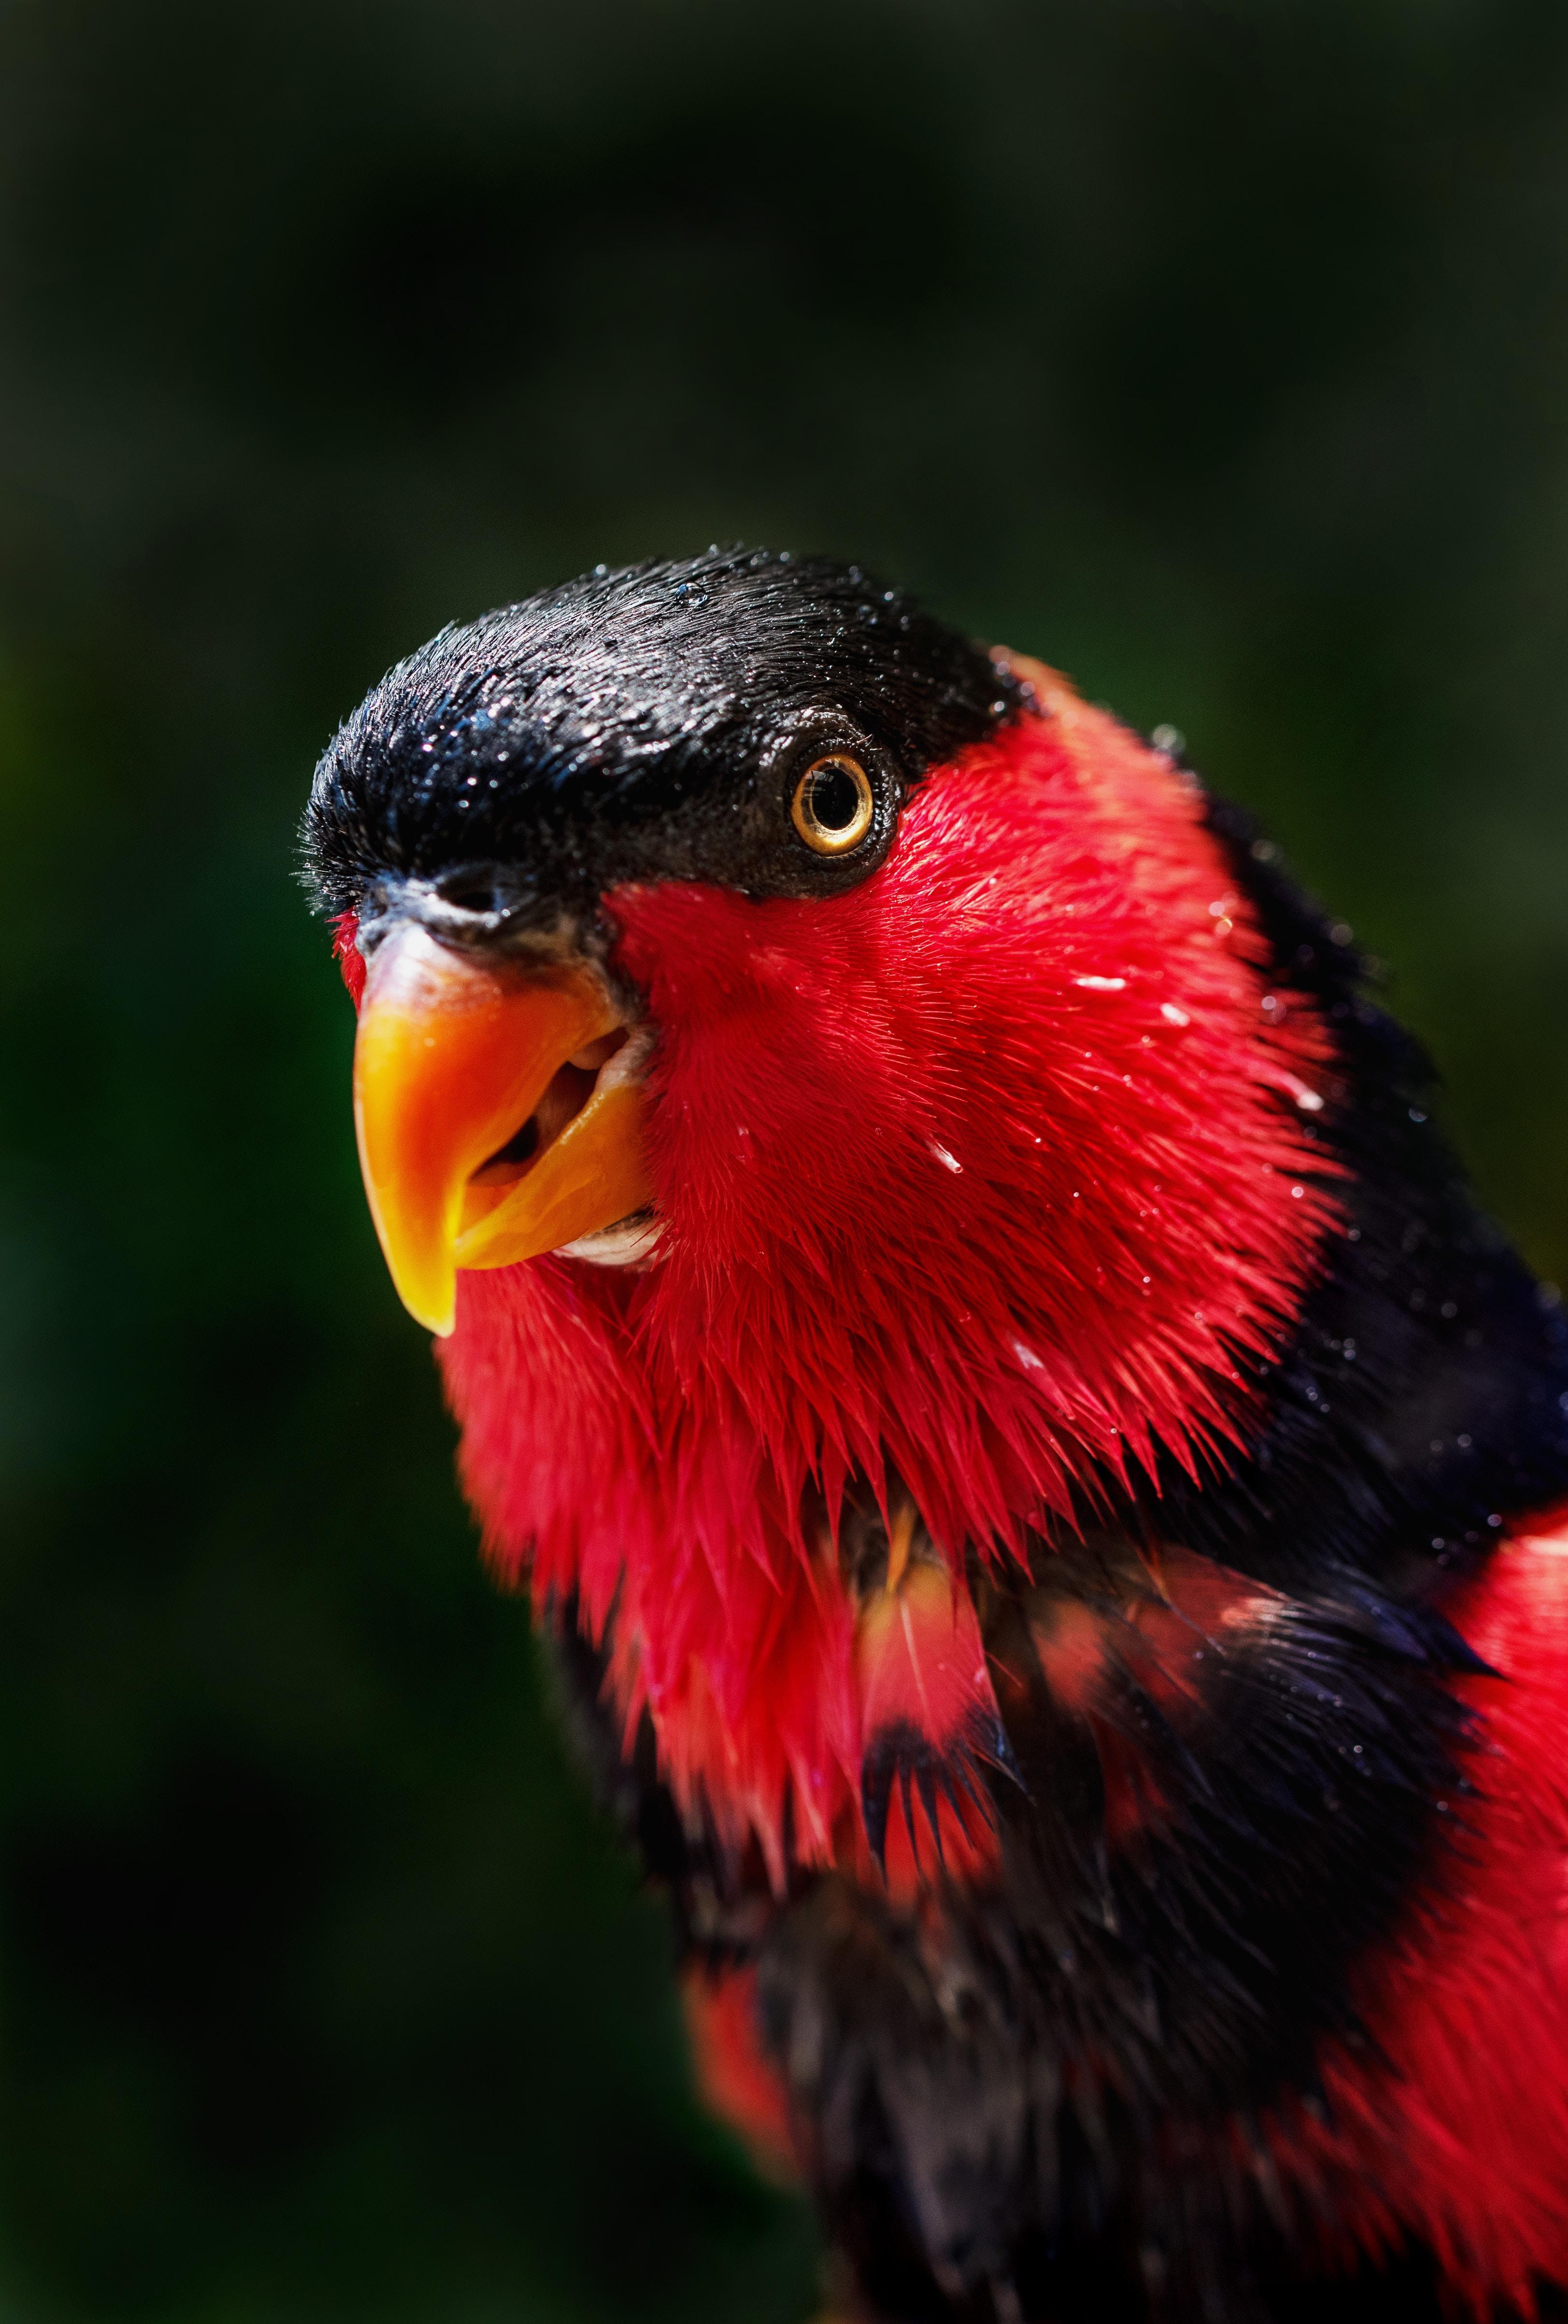 156623 Заставки и Обои Попугаи на телефон. Скачать Попугаи, Животные, Птица, Красный, Окрас картинки бесплатно